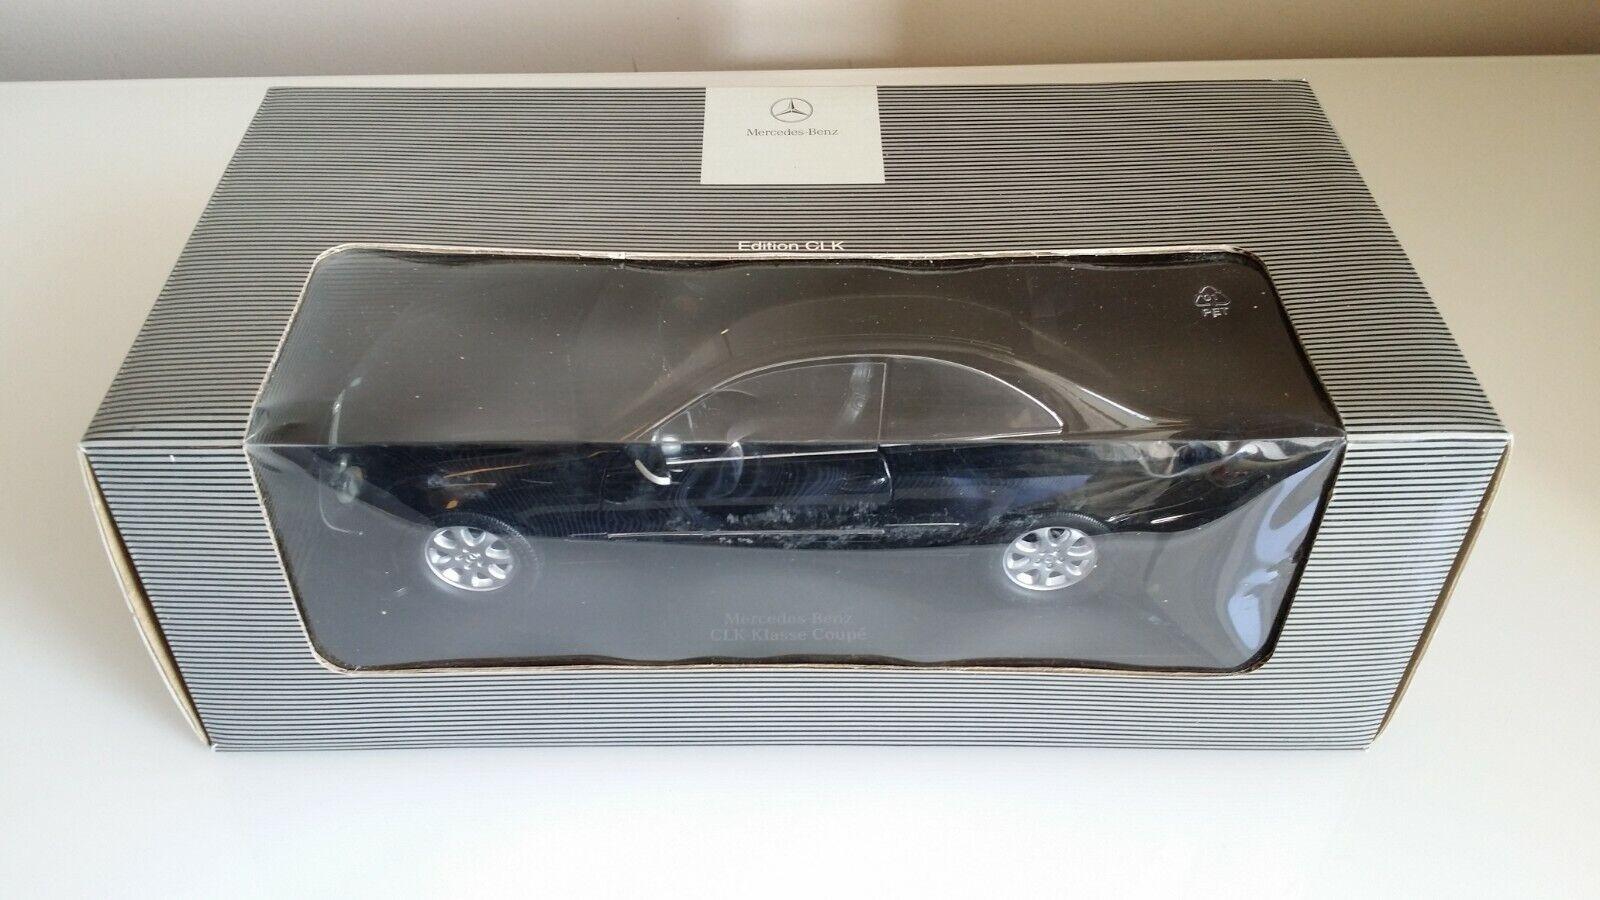 Mercedes Benz CLK Coupe Dealer Model 1 18  MIB Boxed  haute qualité